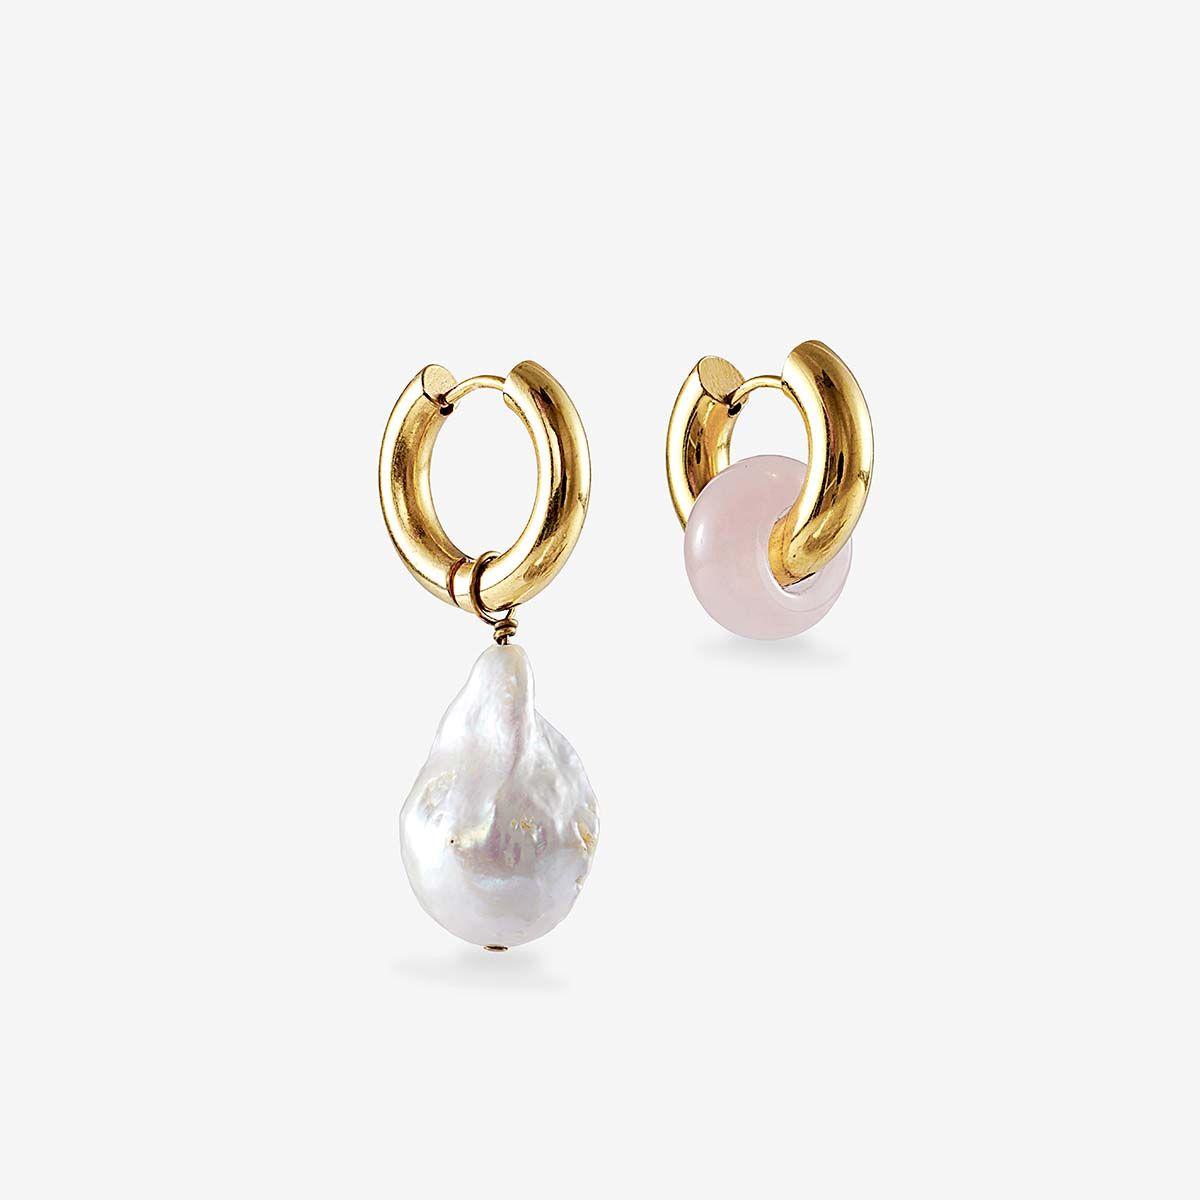 Baroque pearl and rose quartz earrings - Perlenohrringe - 24k vergoldet